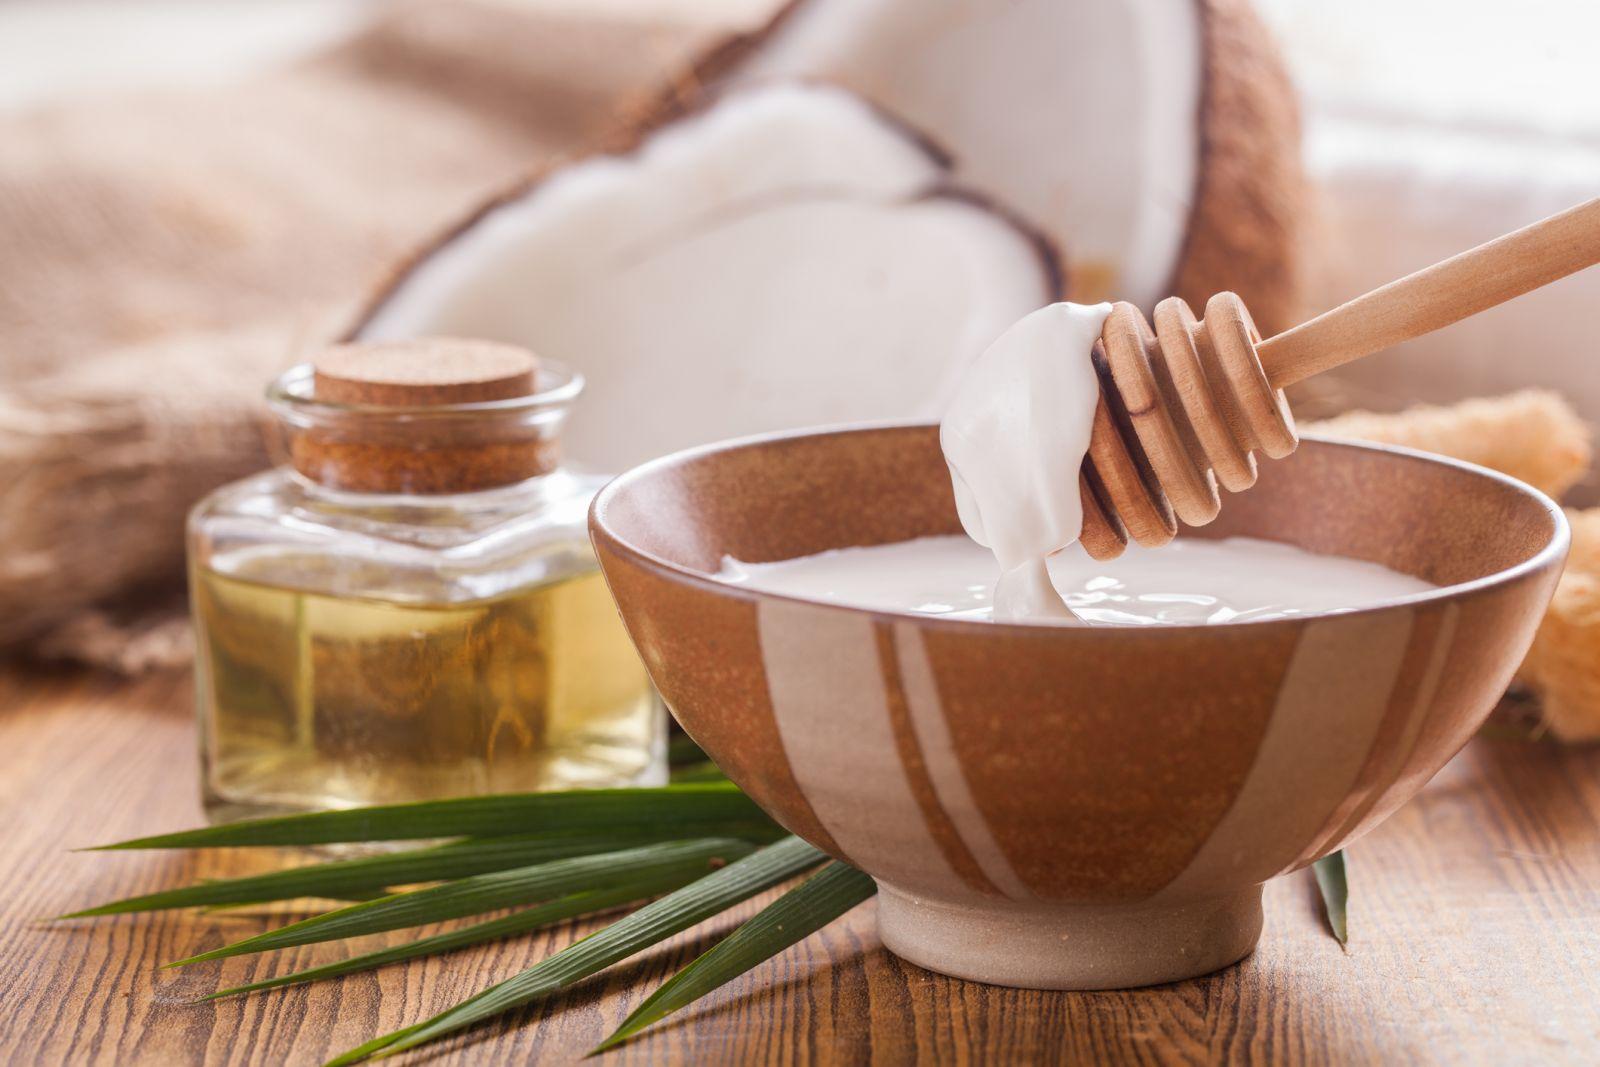 Cara Mengkonsumsi Virgin Coconut Oil Untuk Diet